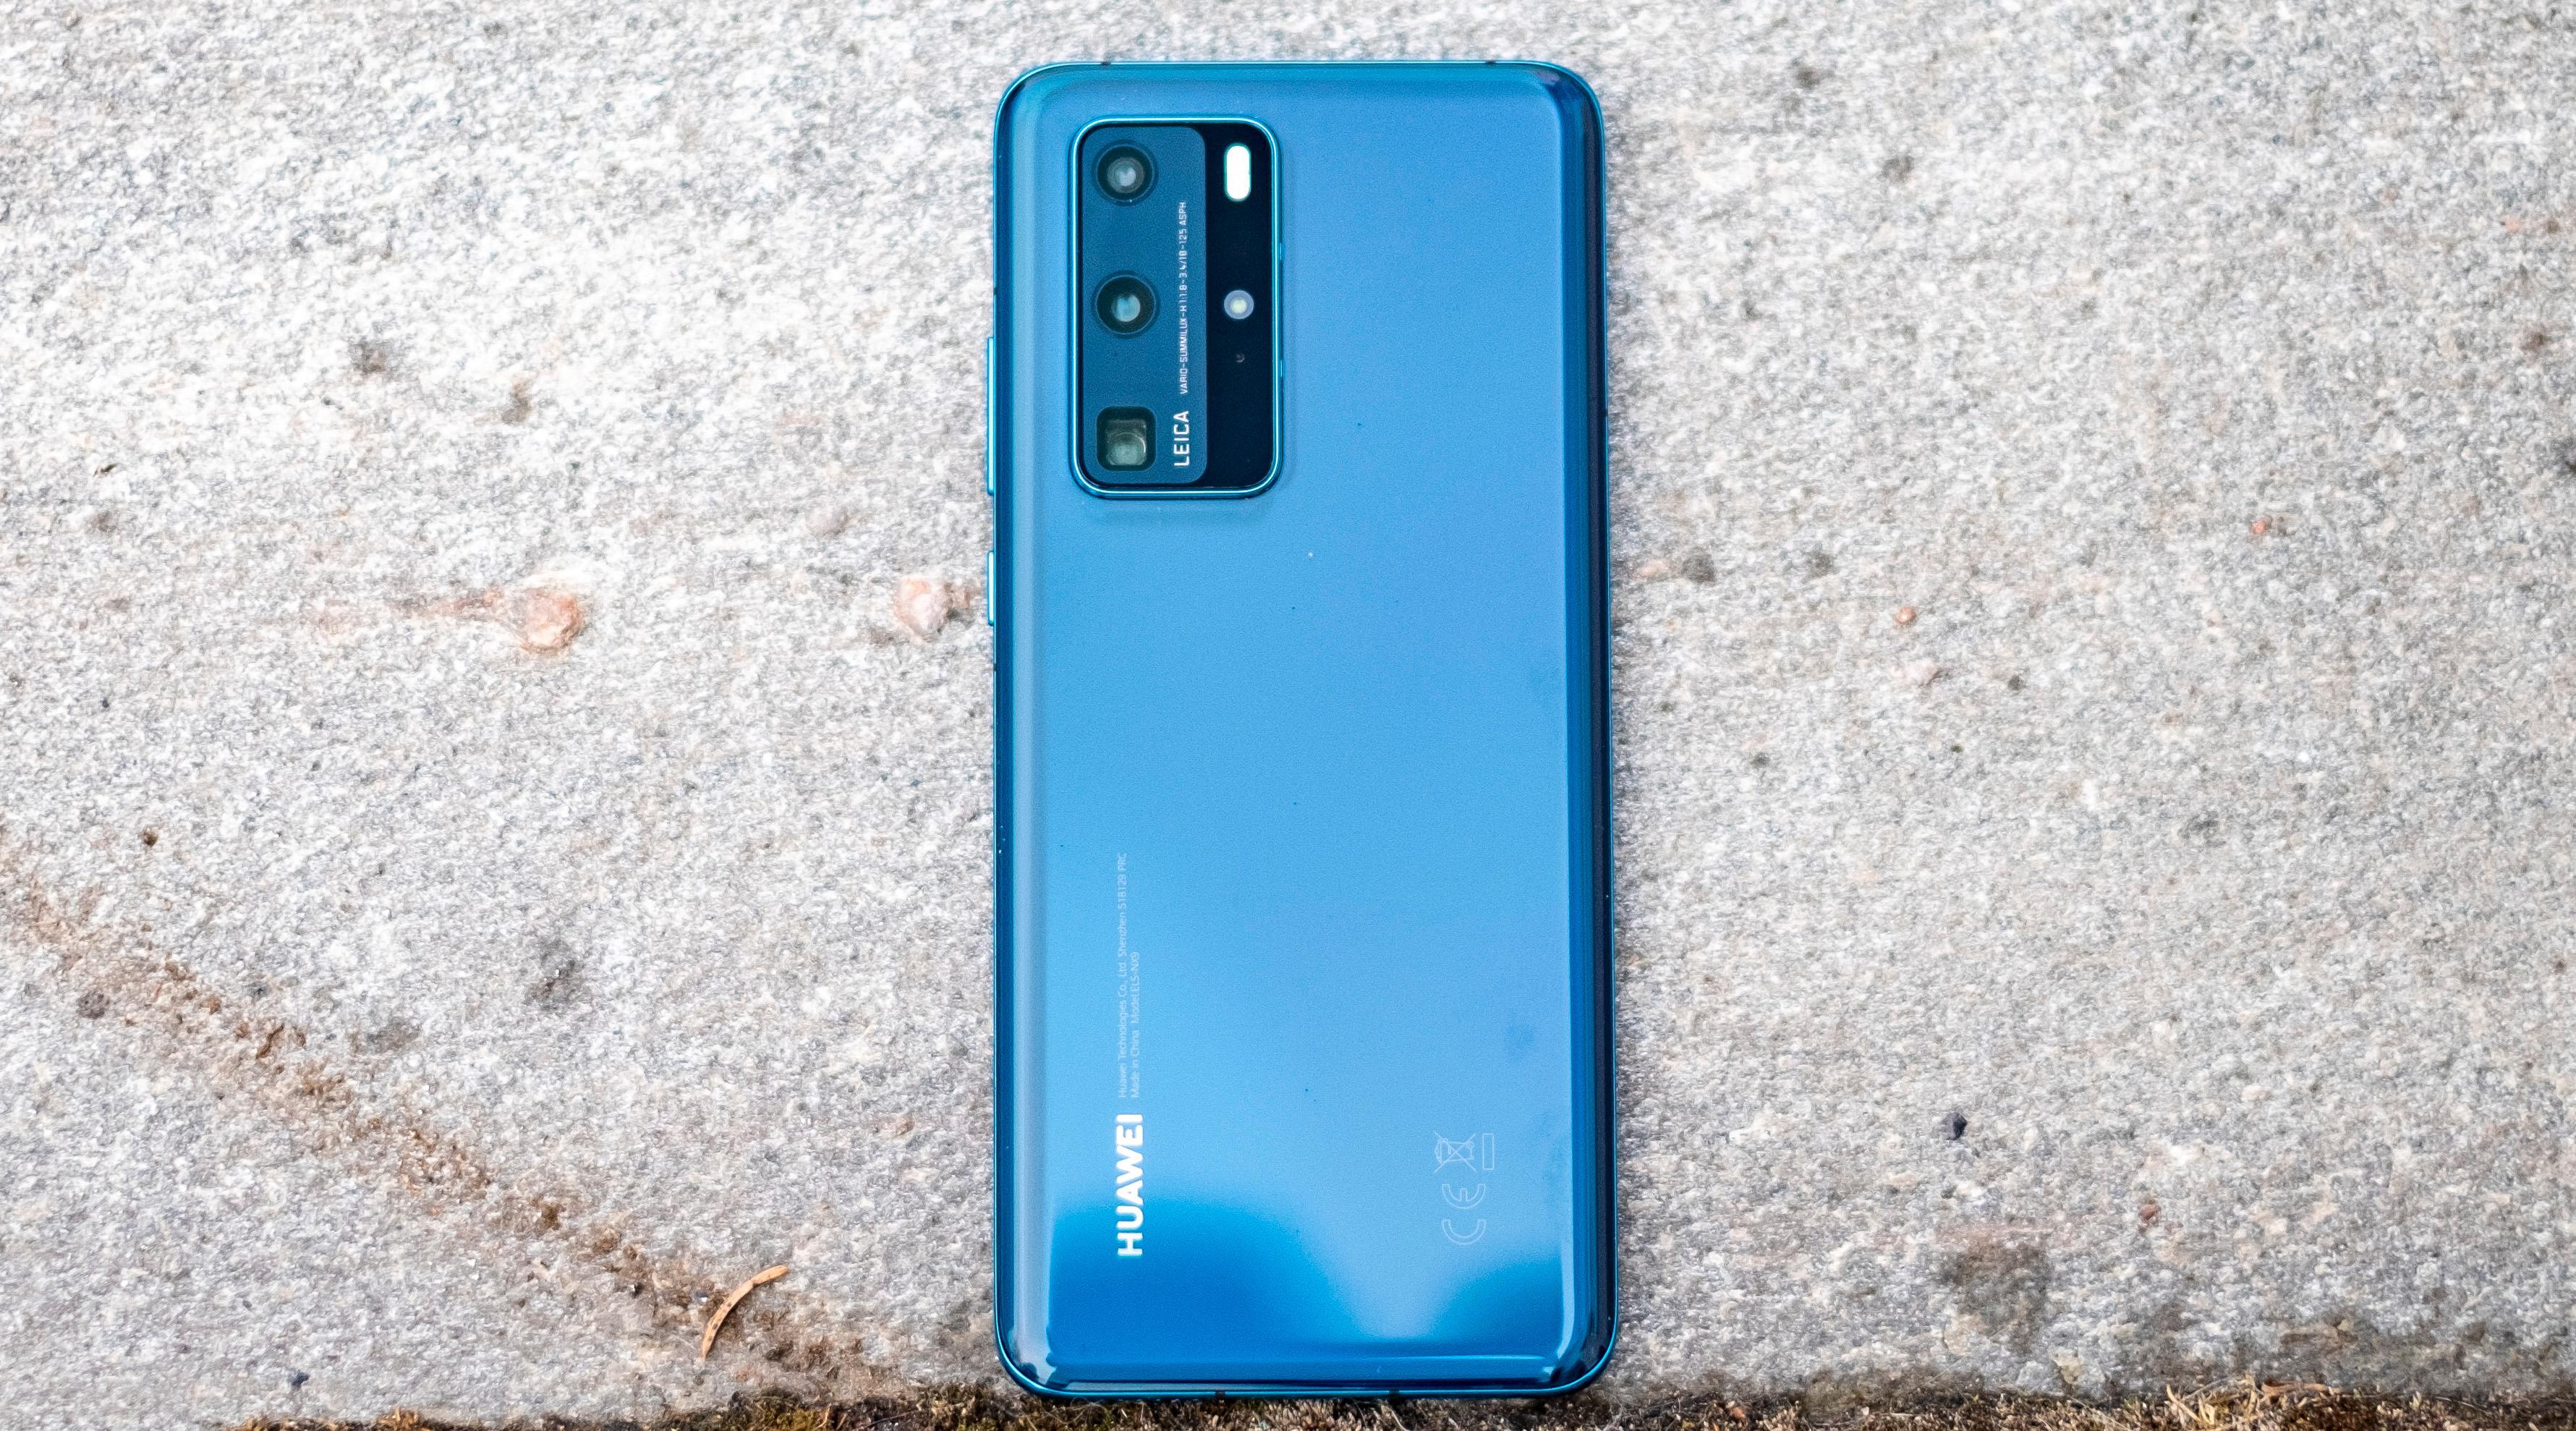 Hevder Huawei nå er verdens største mobilprodusent